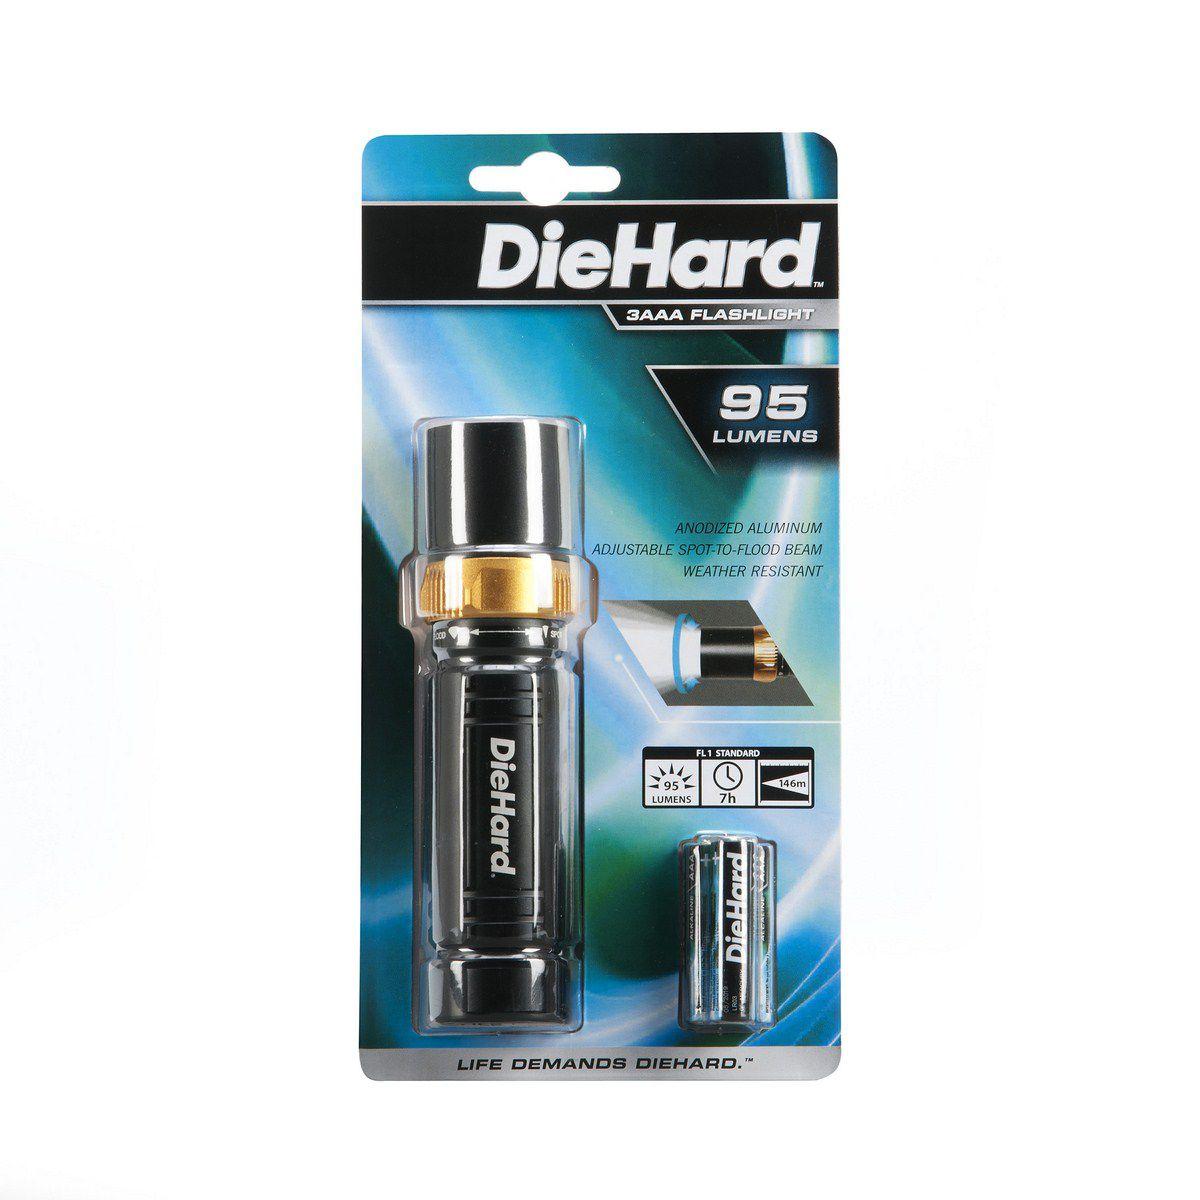 DieHard 3AAA Focusing LED DieHard Flashlight